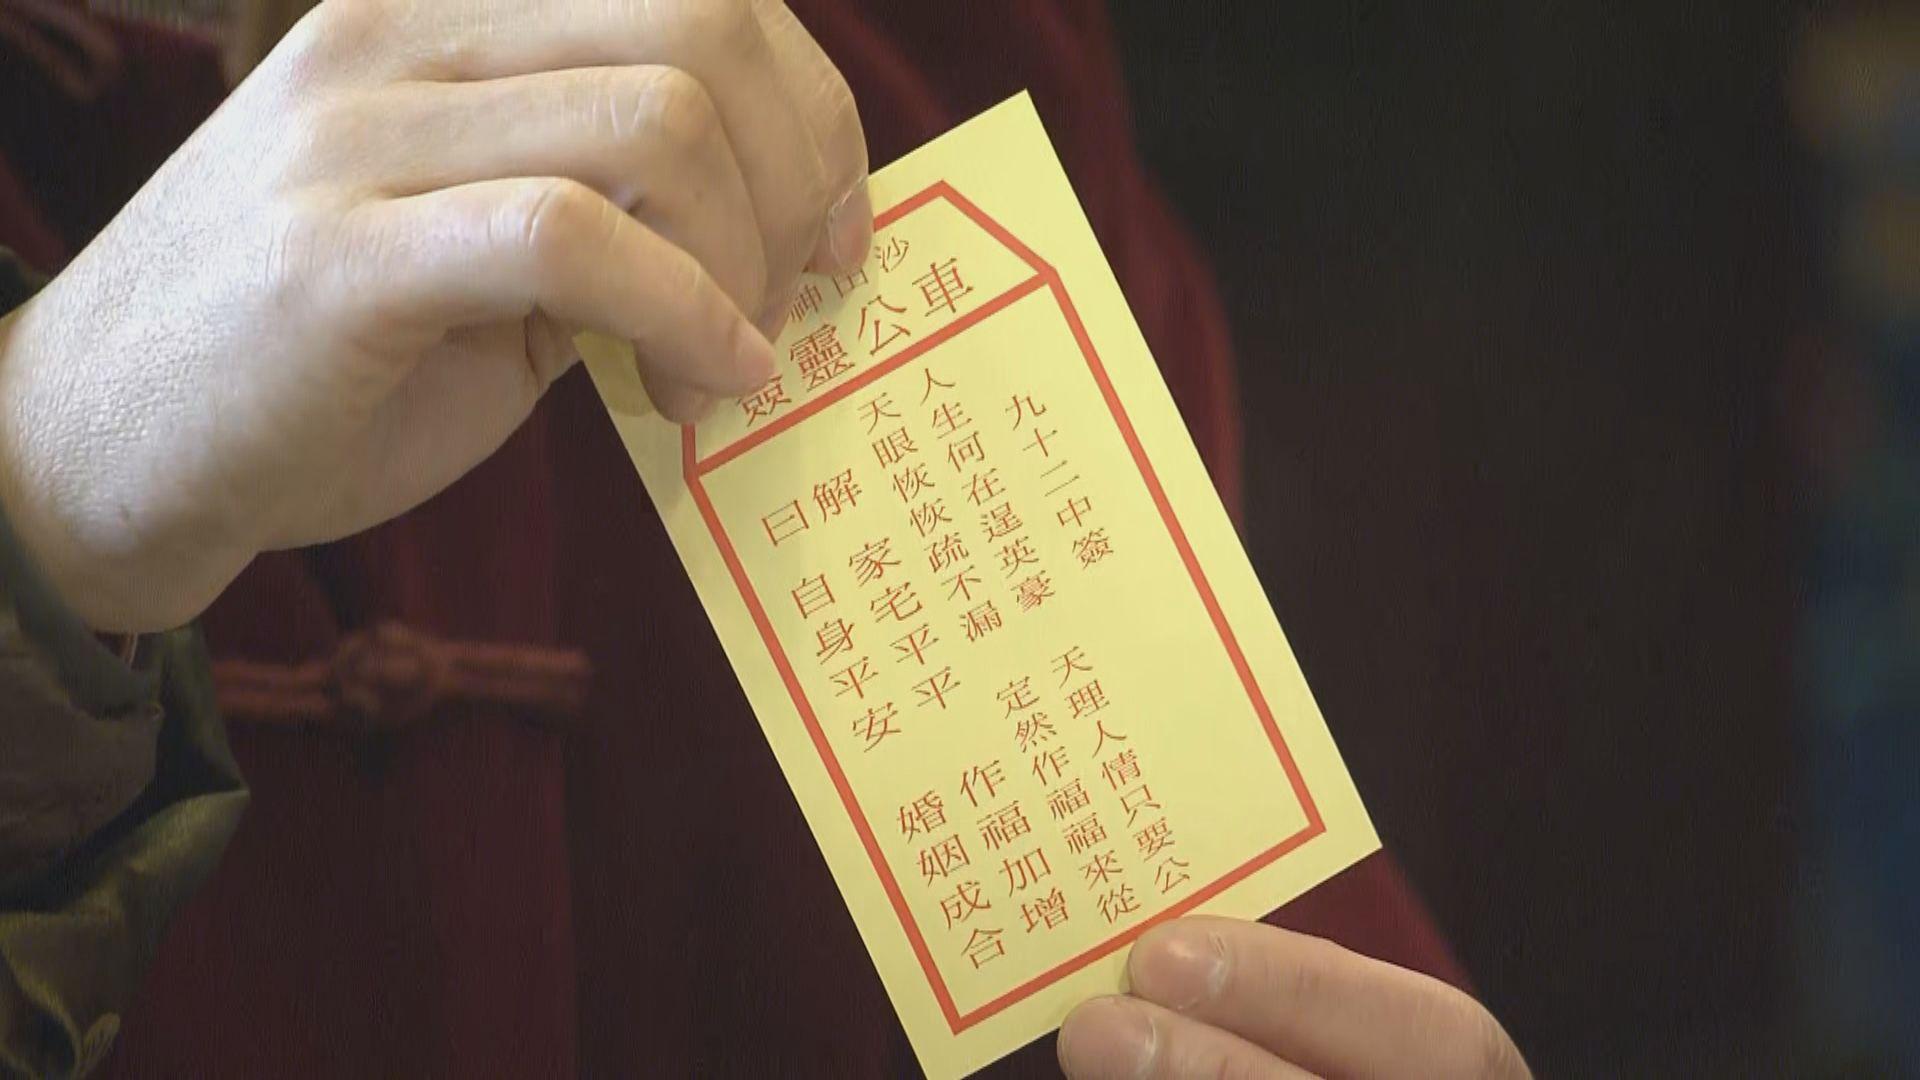 劉業強為香港求得一支中籤 認為籤文提點政府聆聽民意